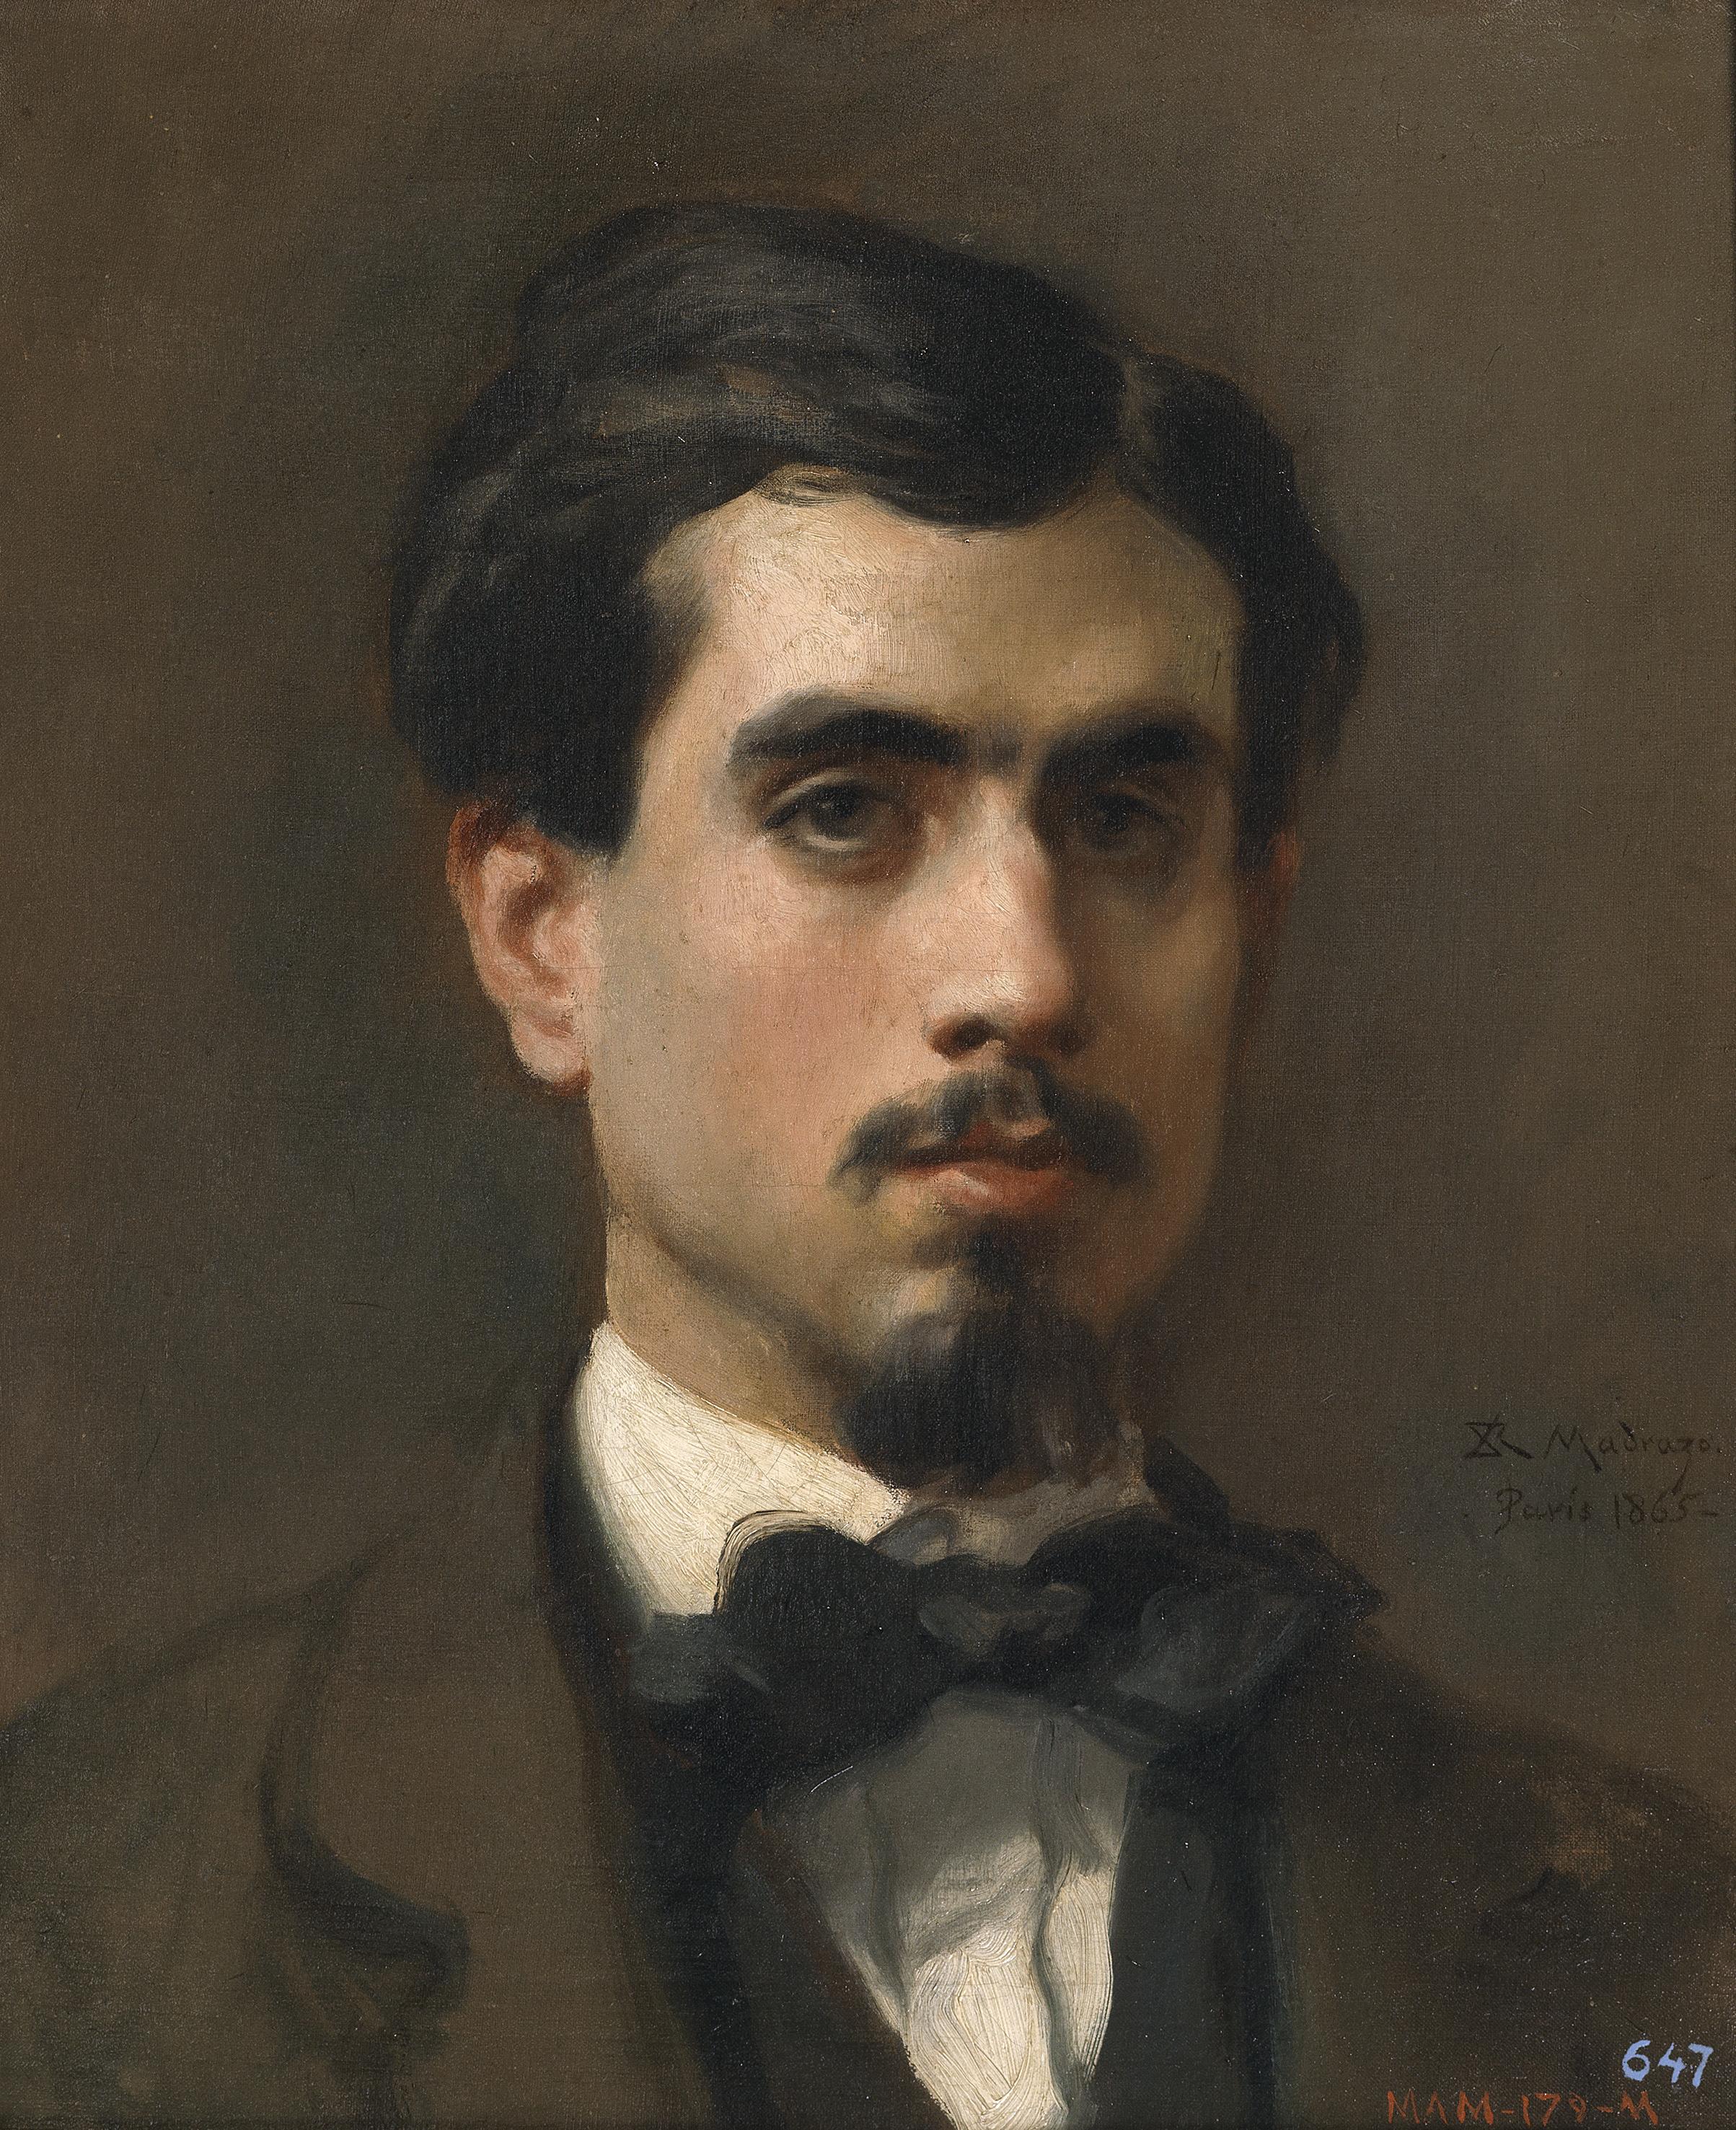 File:El pintor Juan Rivas y Ortiz, por Raimundo de Madrazo